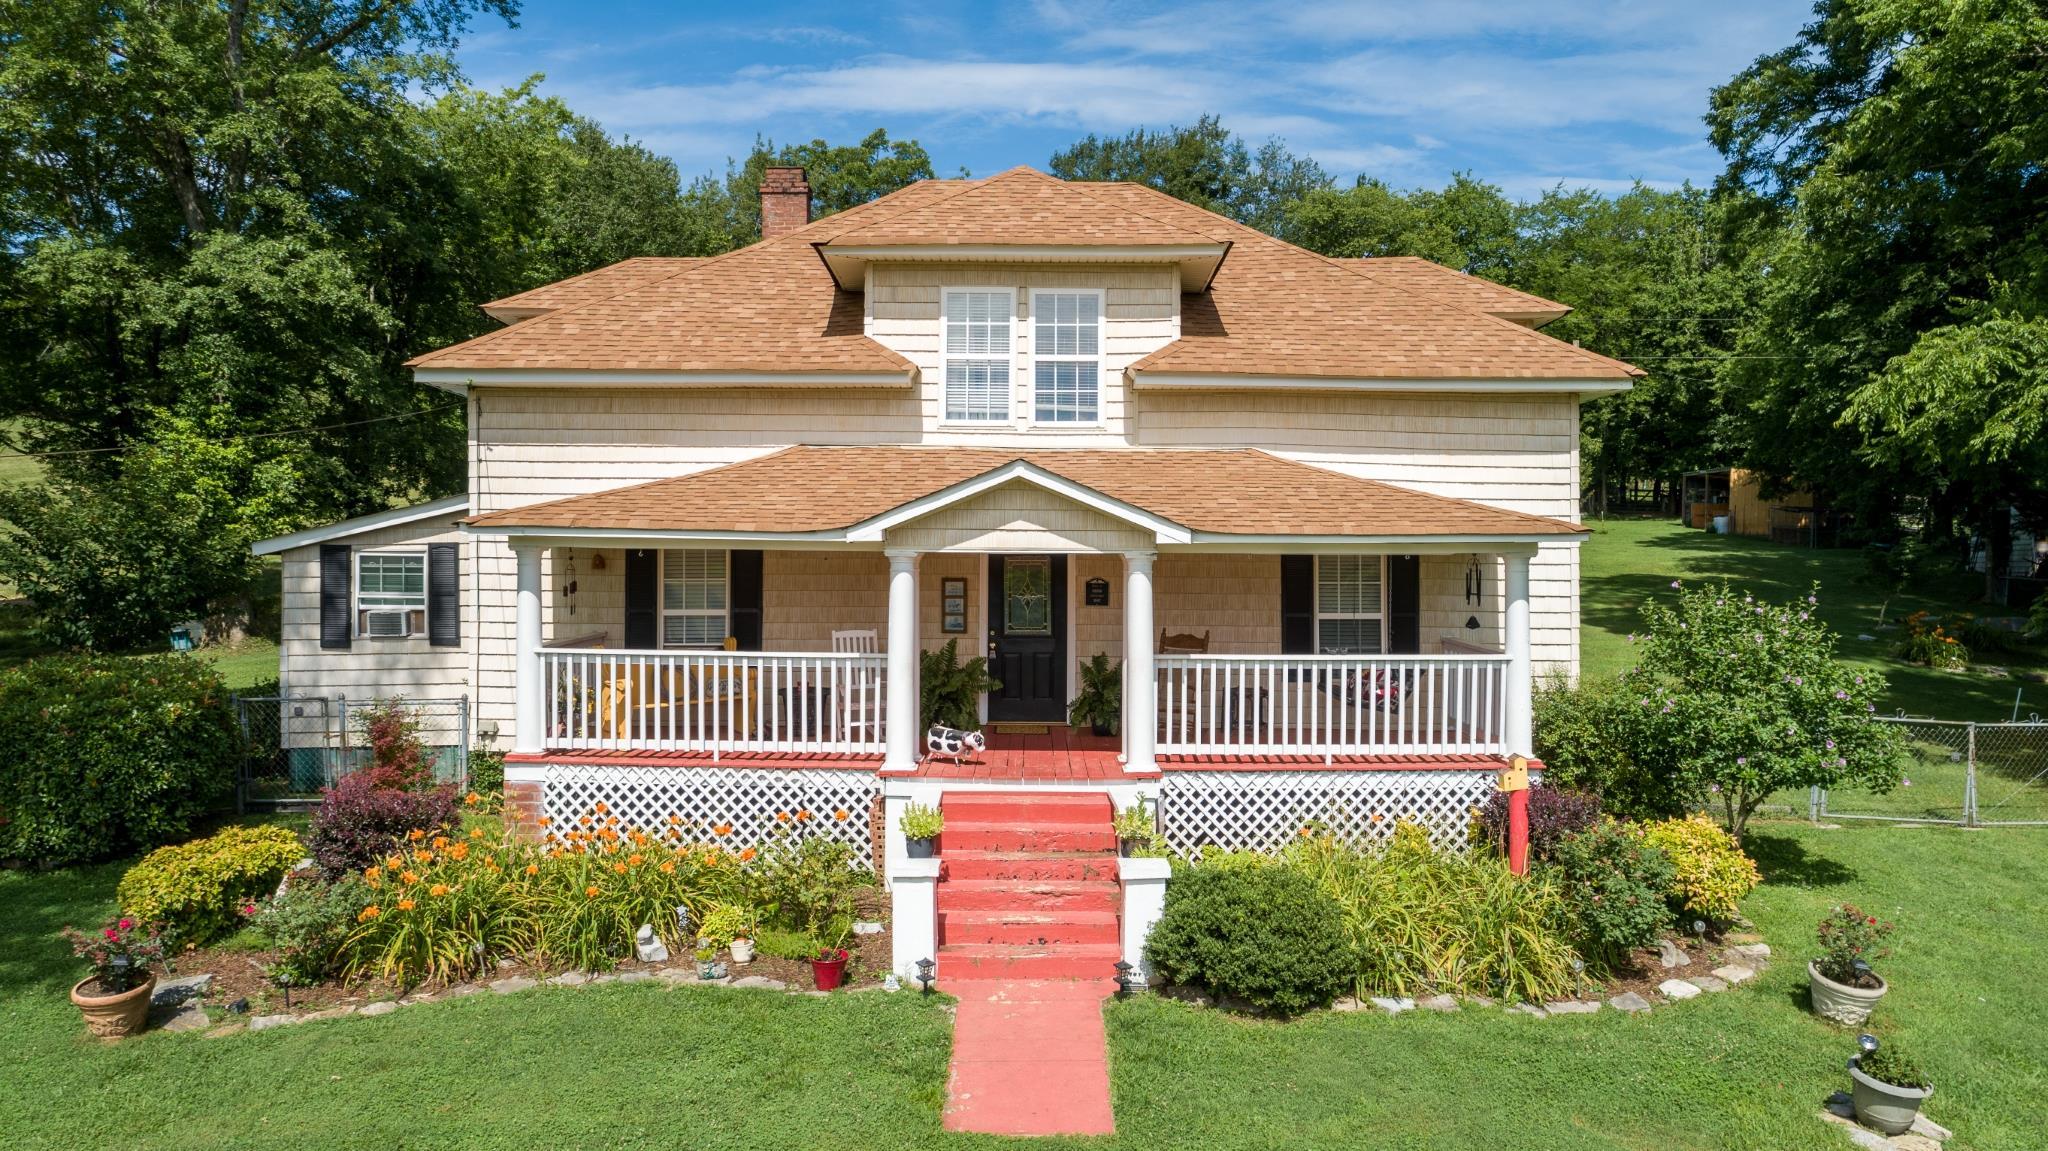 82 Bledsoe Rd, Petersburg, TN 37144 - Petersburg, TN real estate listing